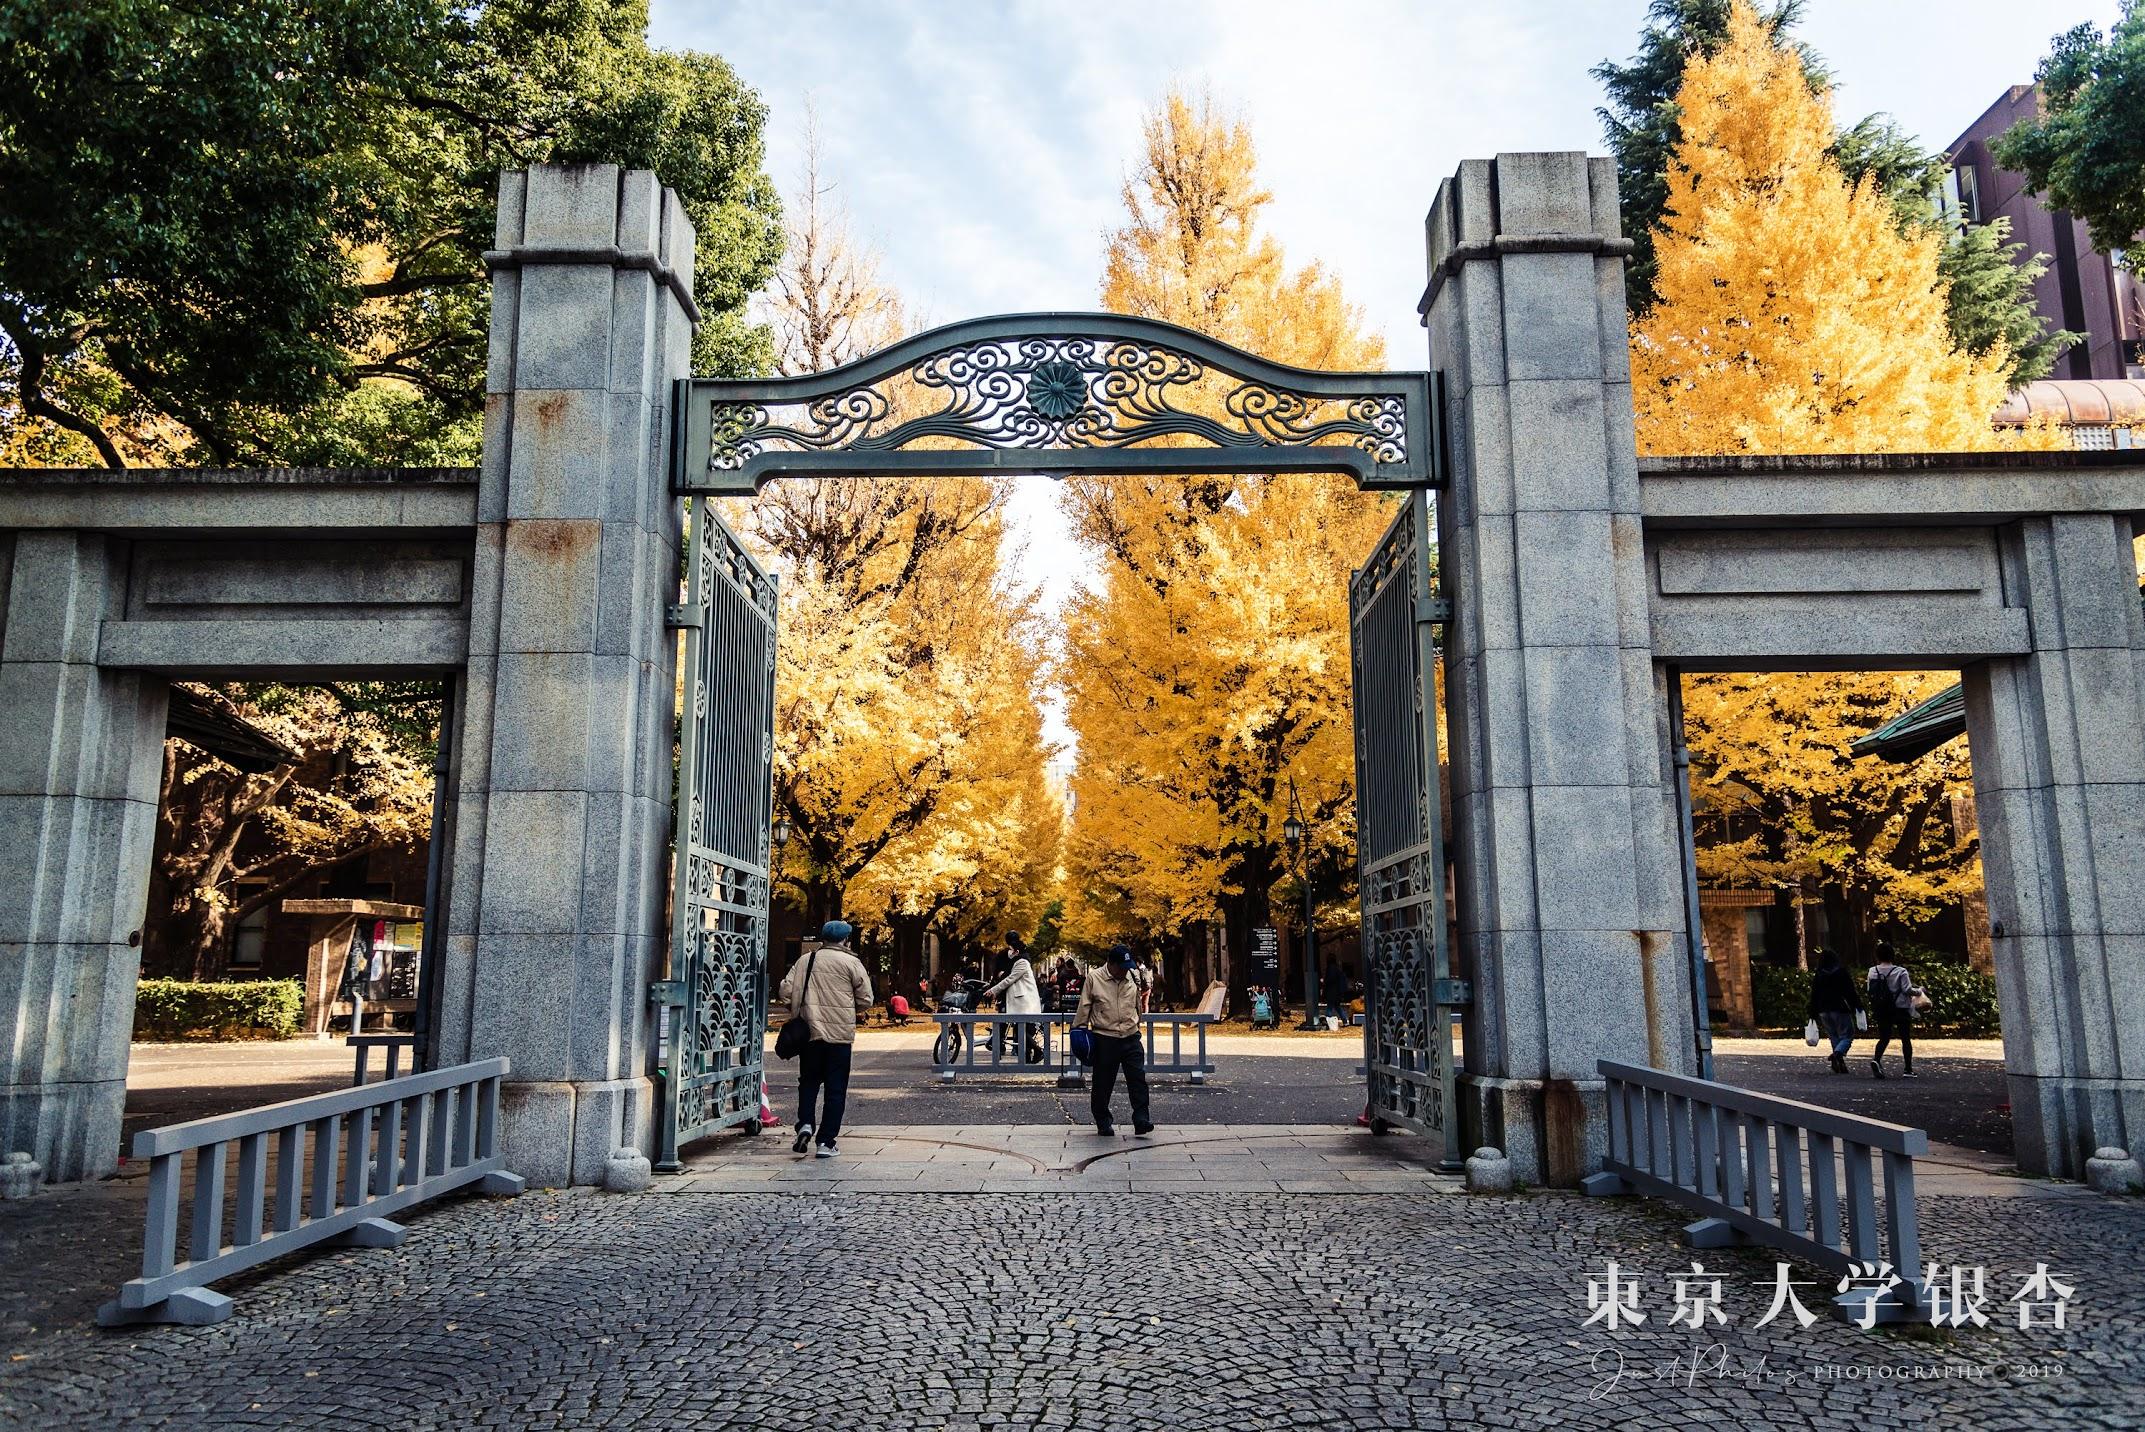 東京大學本鄉校區的校門也非常有特色,會讓人想停下腳步拍照的地方。